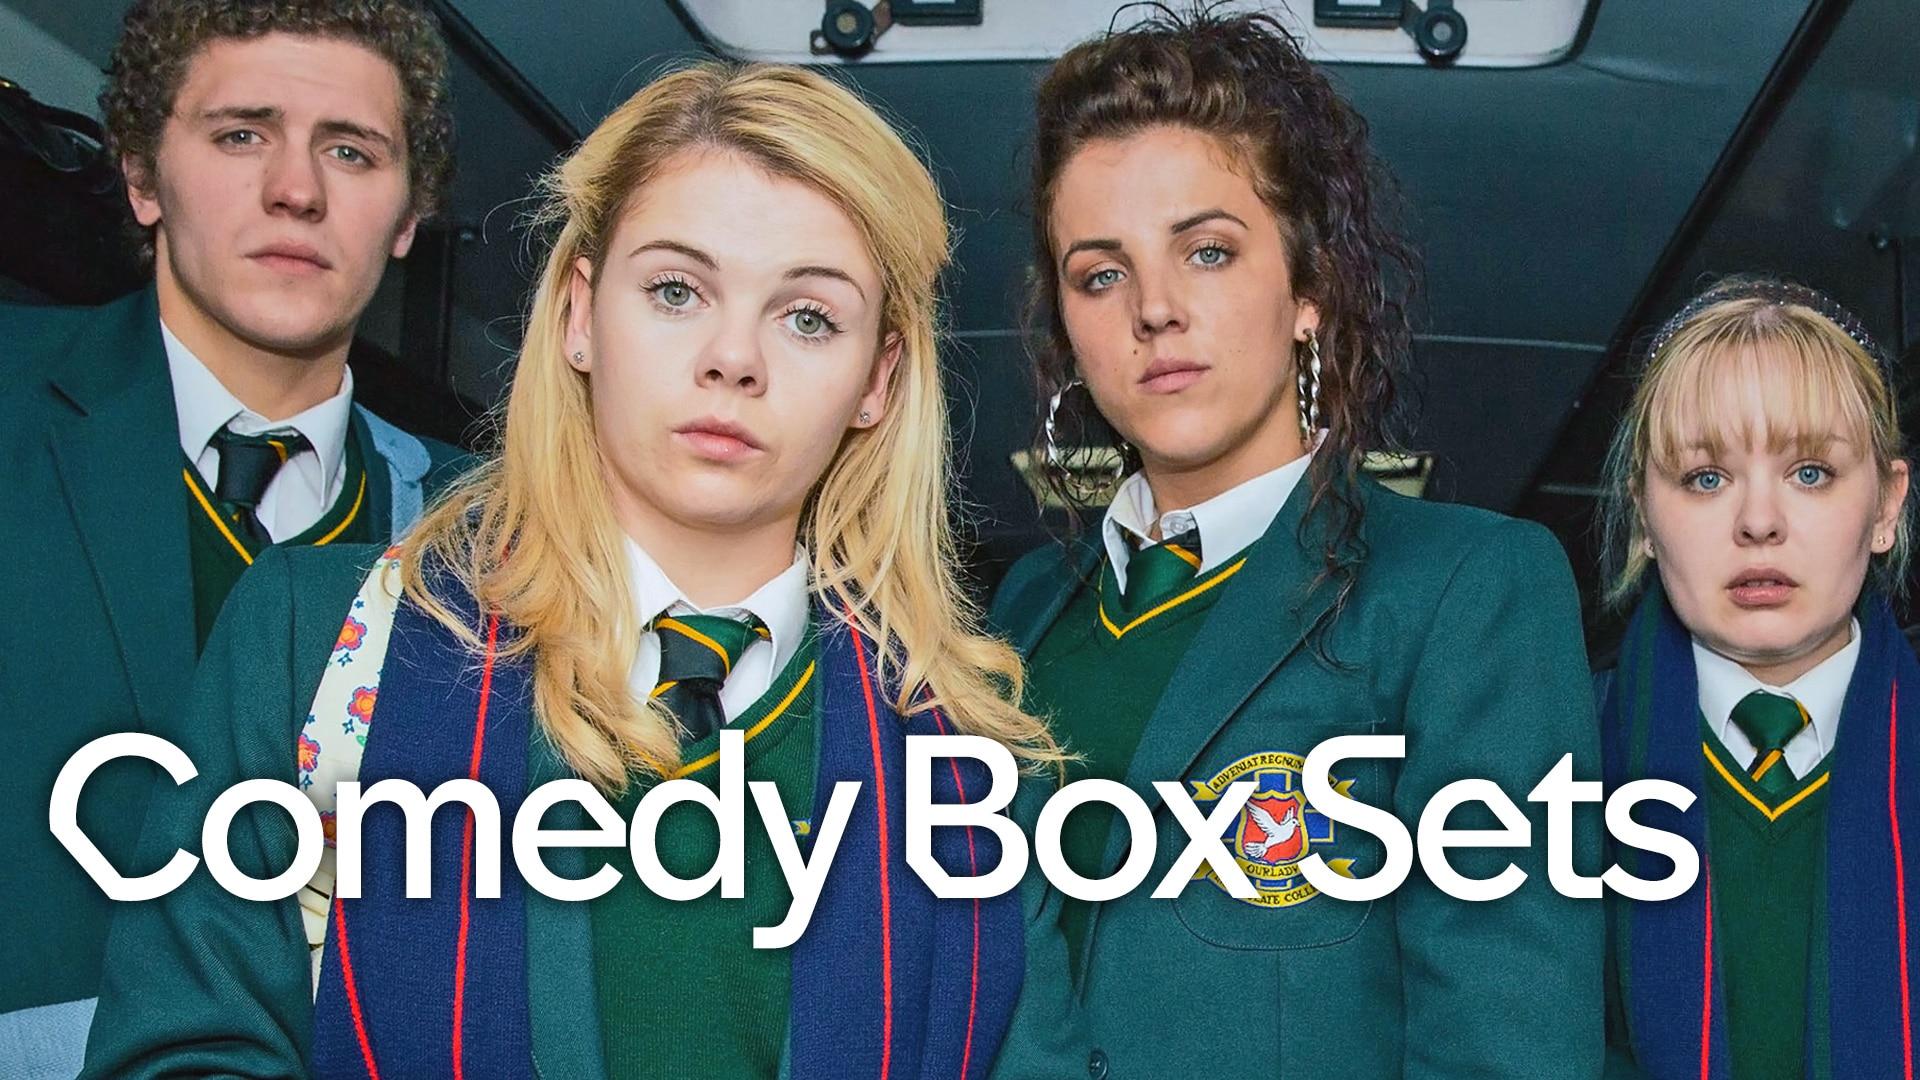 Comedy Box Sets